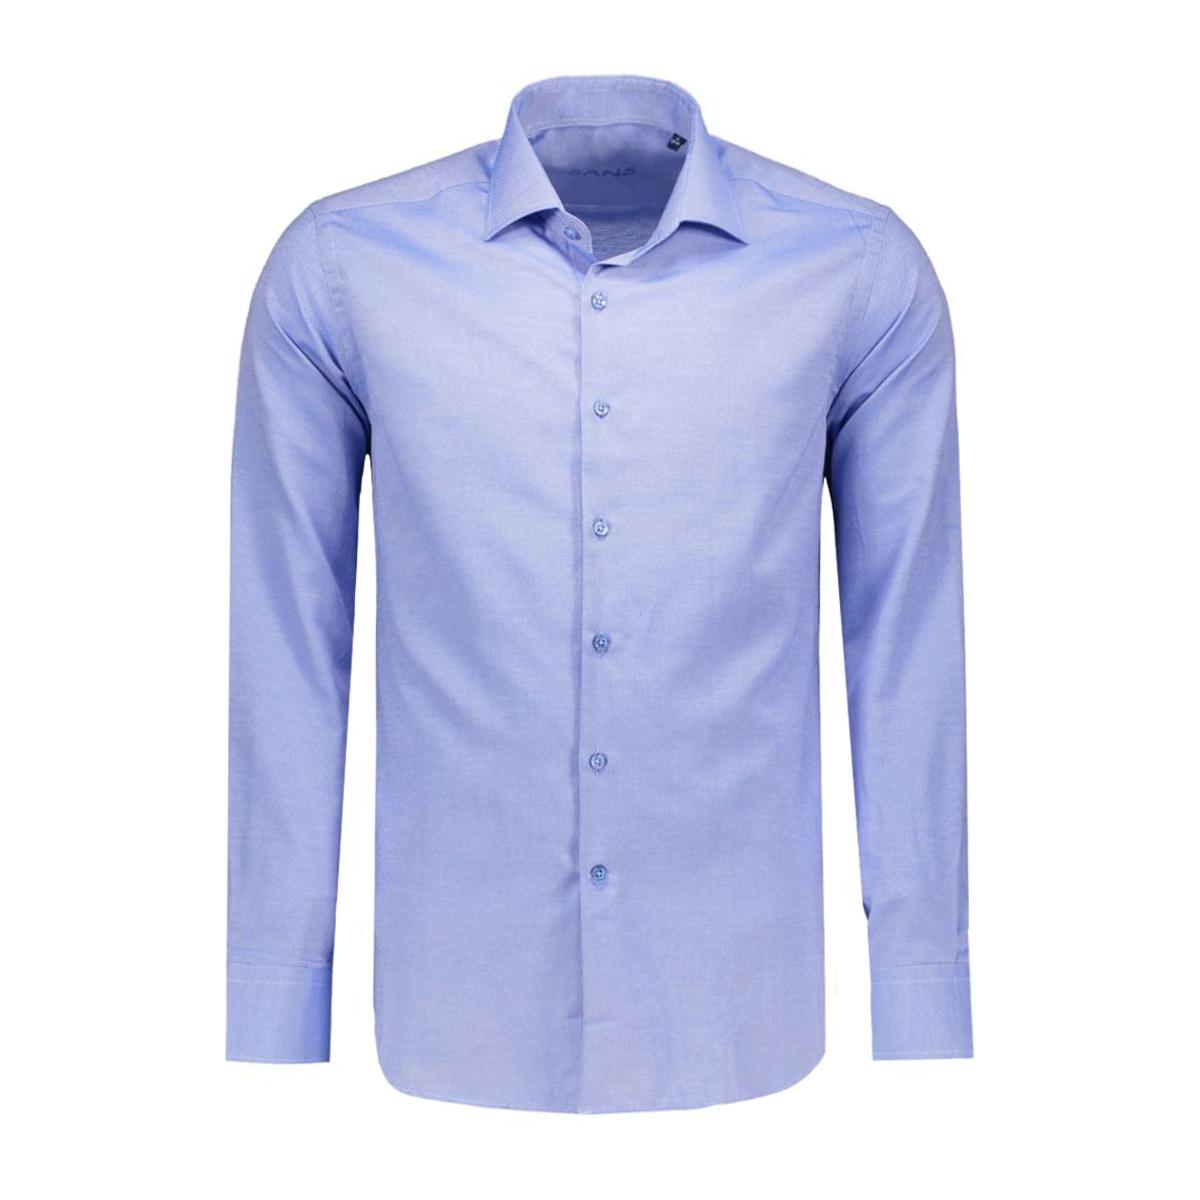 4467 carter & davis overhemd 019